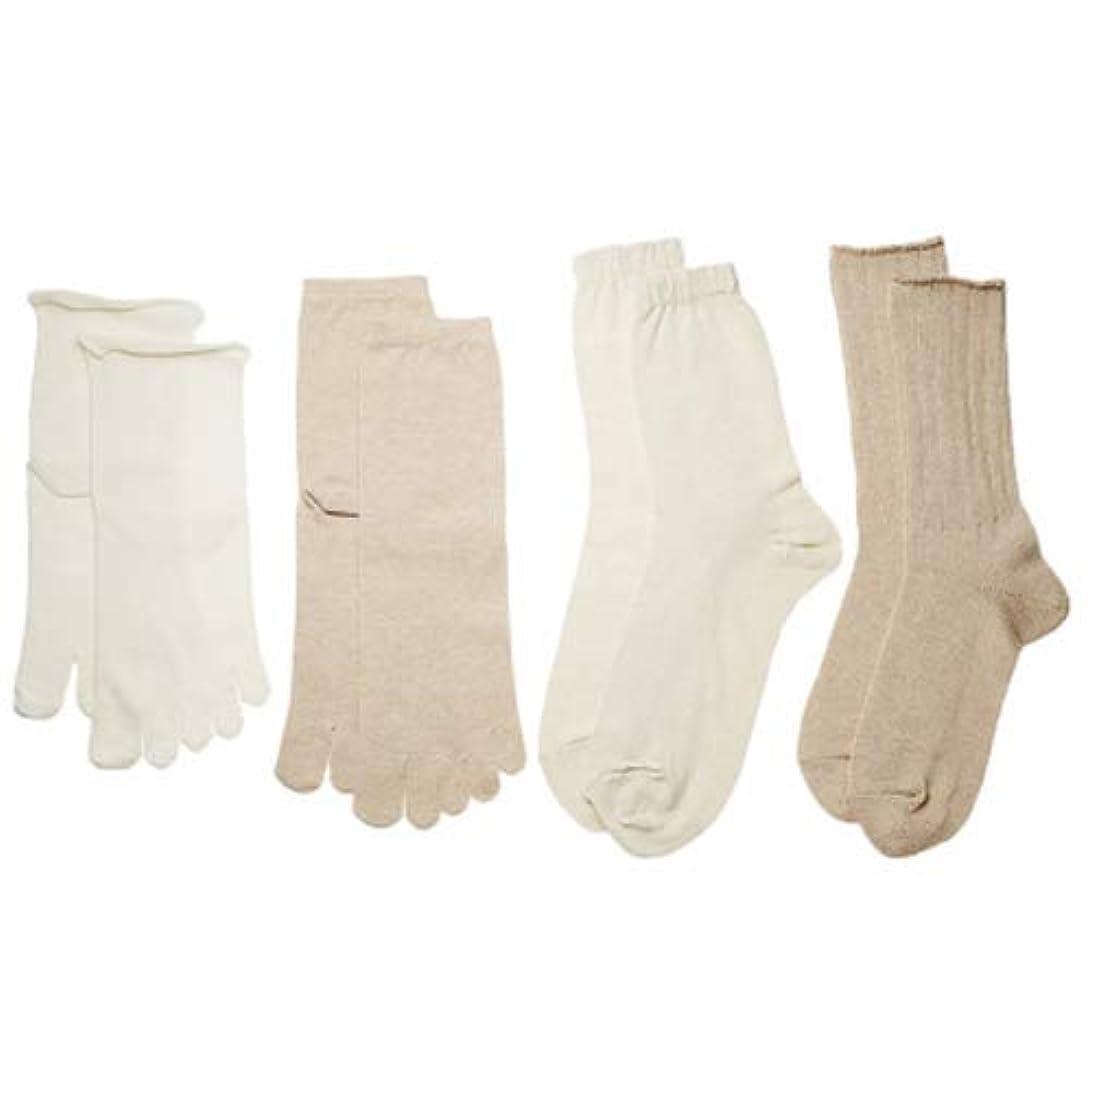 文化病いつかコクーンフィット イノセントシリーズ 4足重ね履き靴下